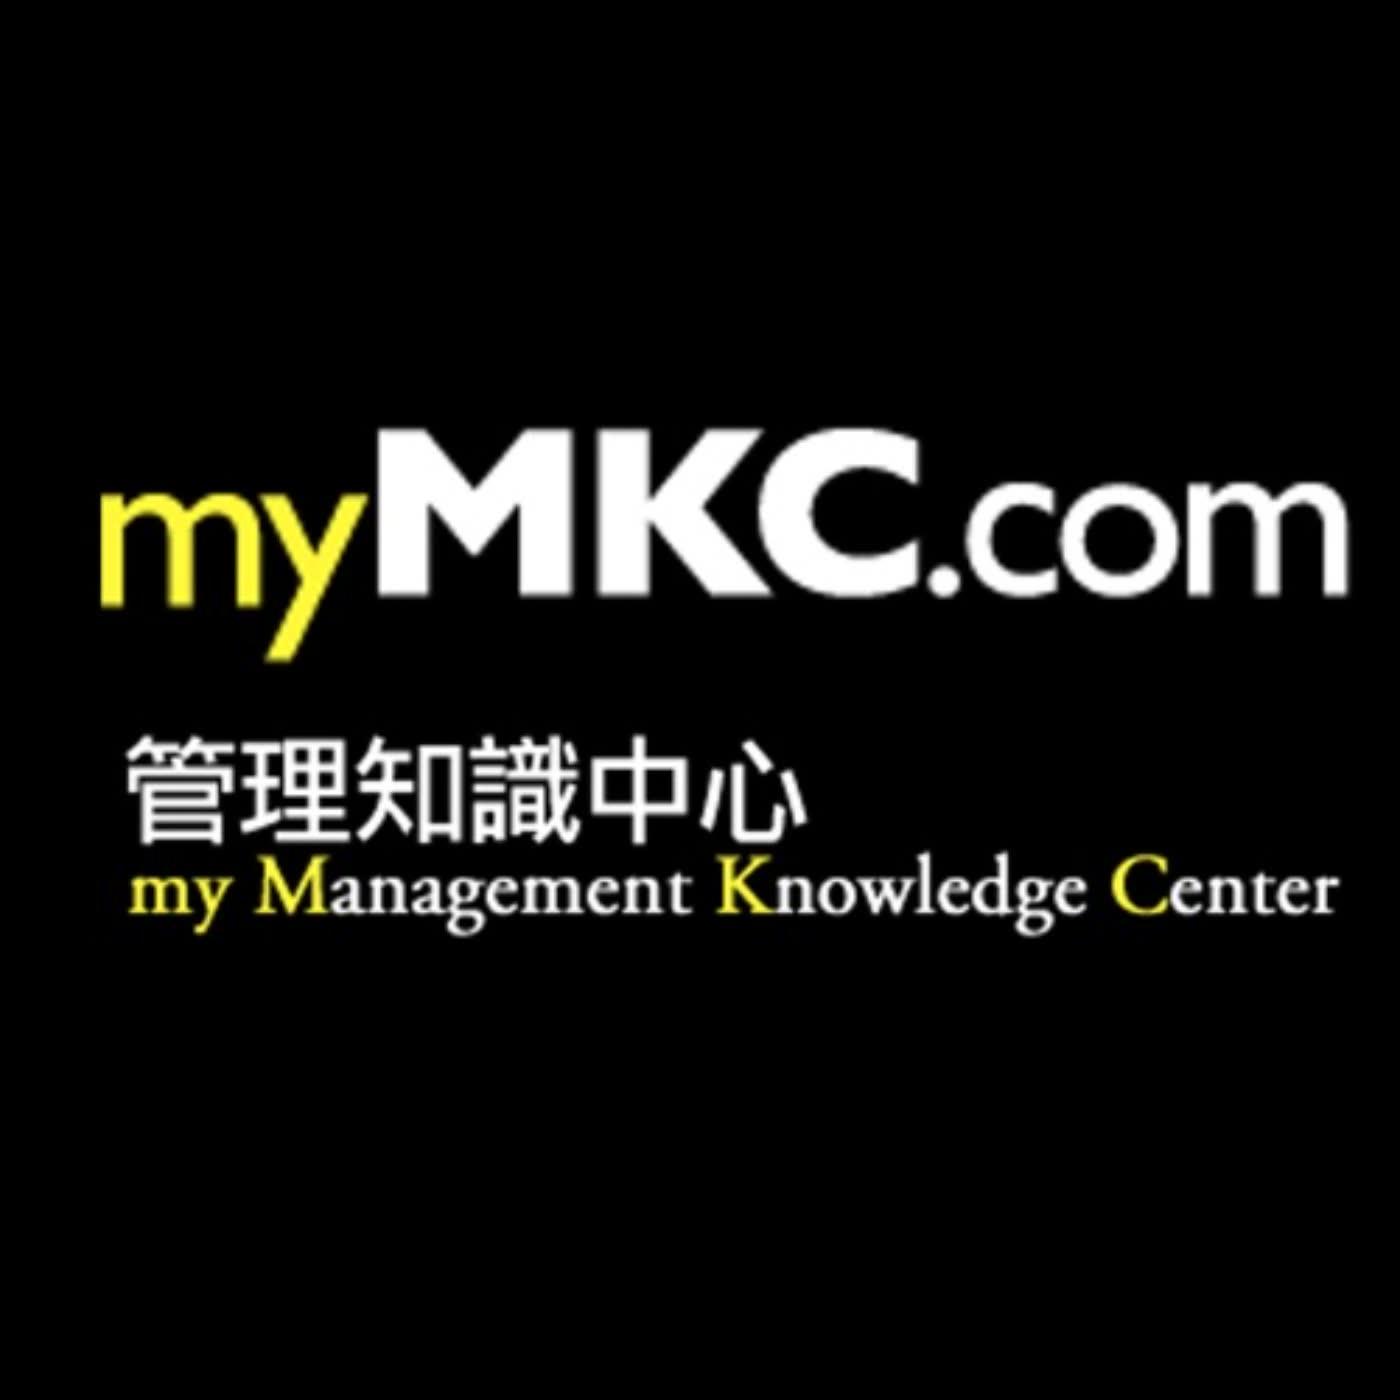 MyMKC管理知識中心